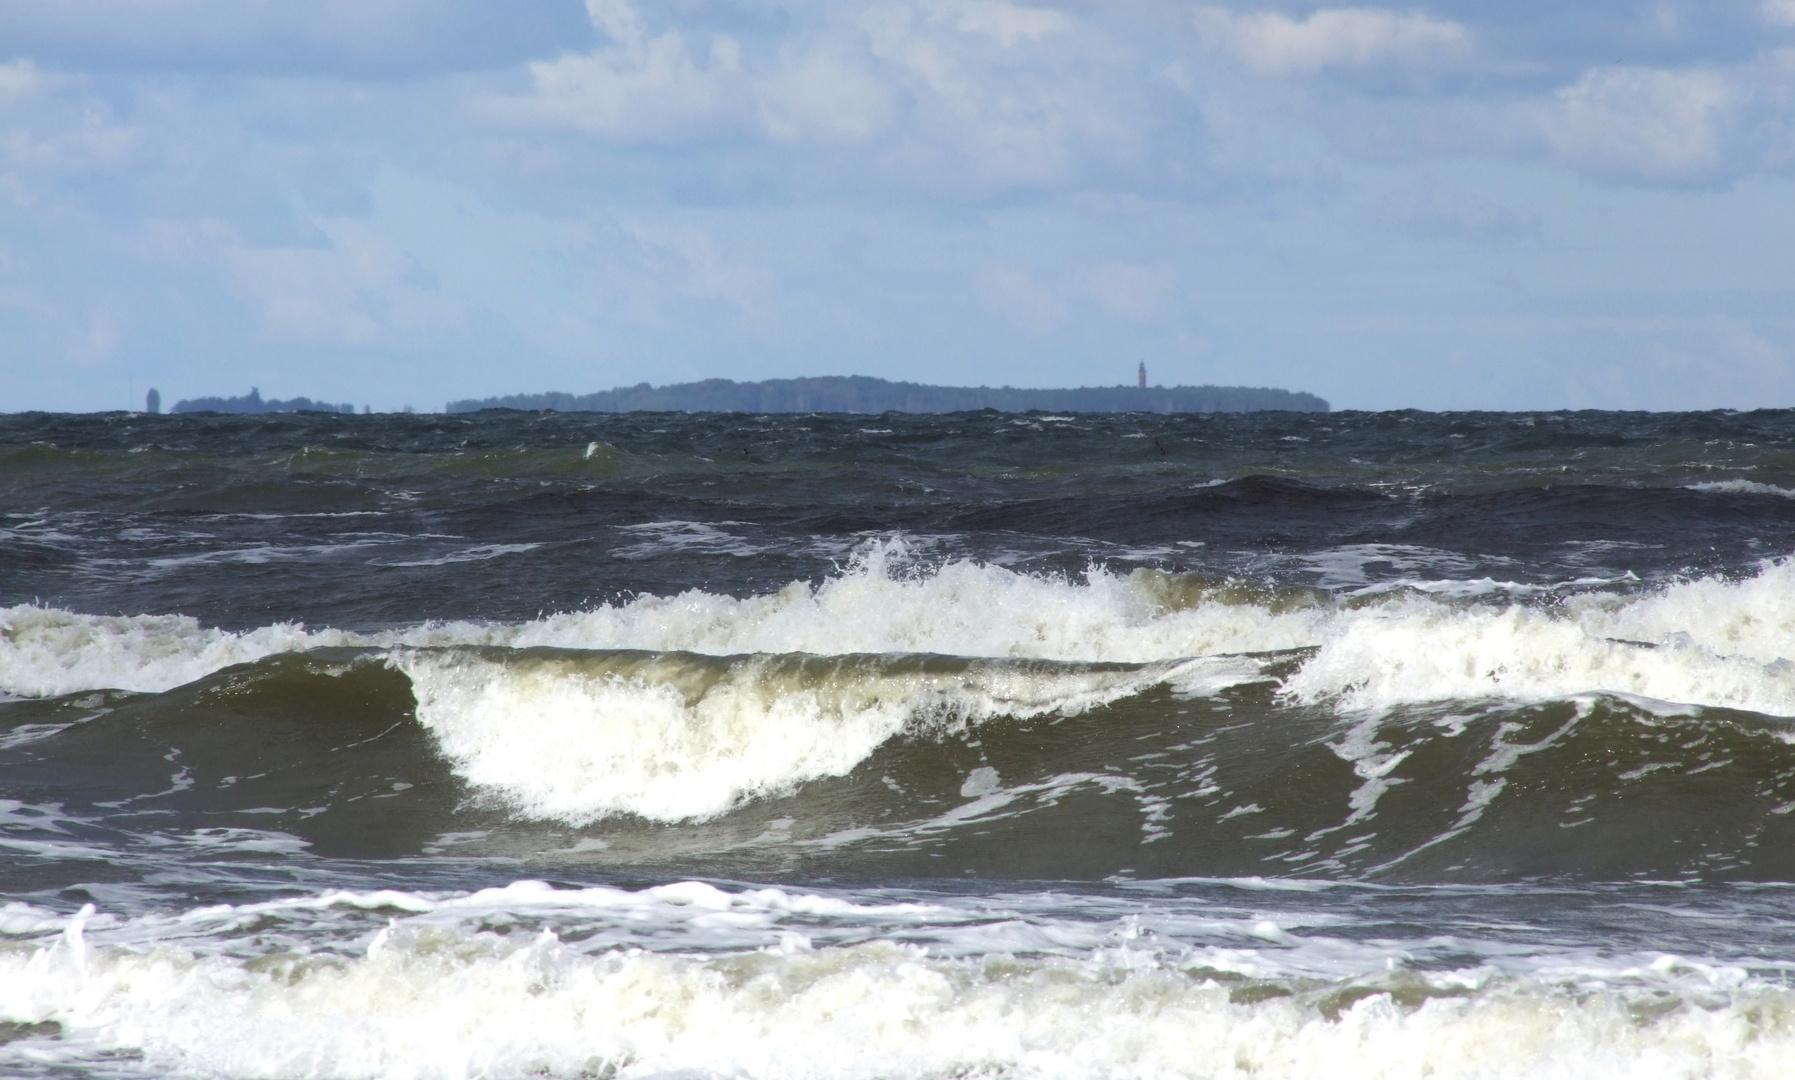 Die Greifswalder Oie vom Strand  Trassenheide aus ....